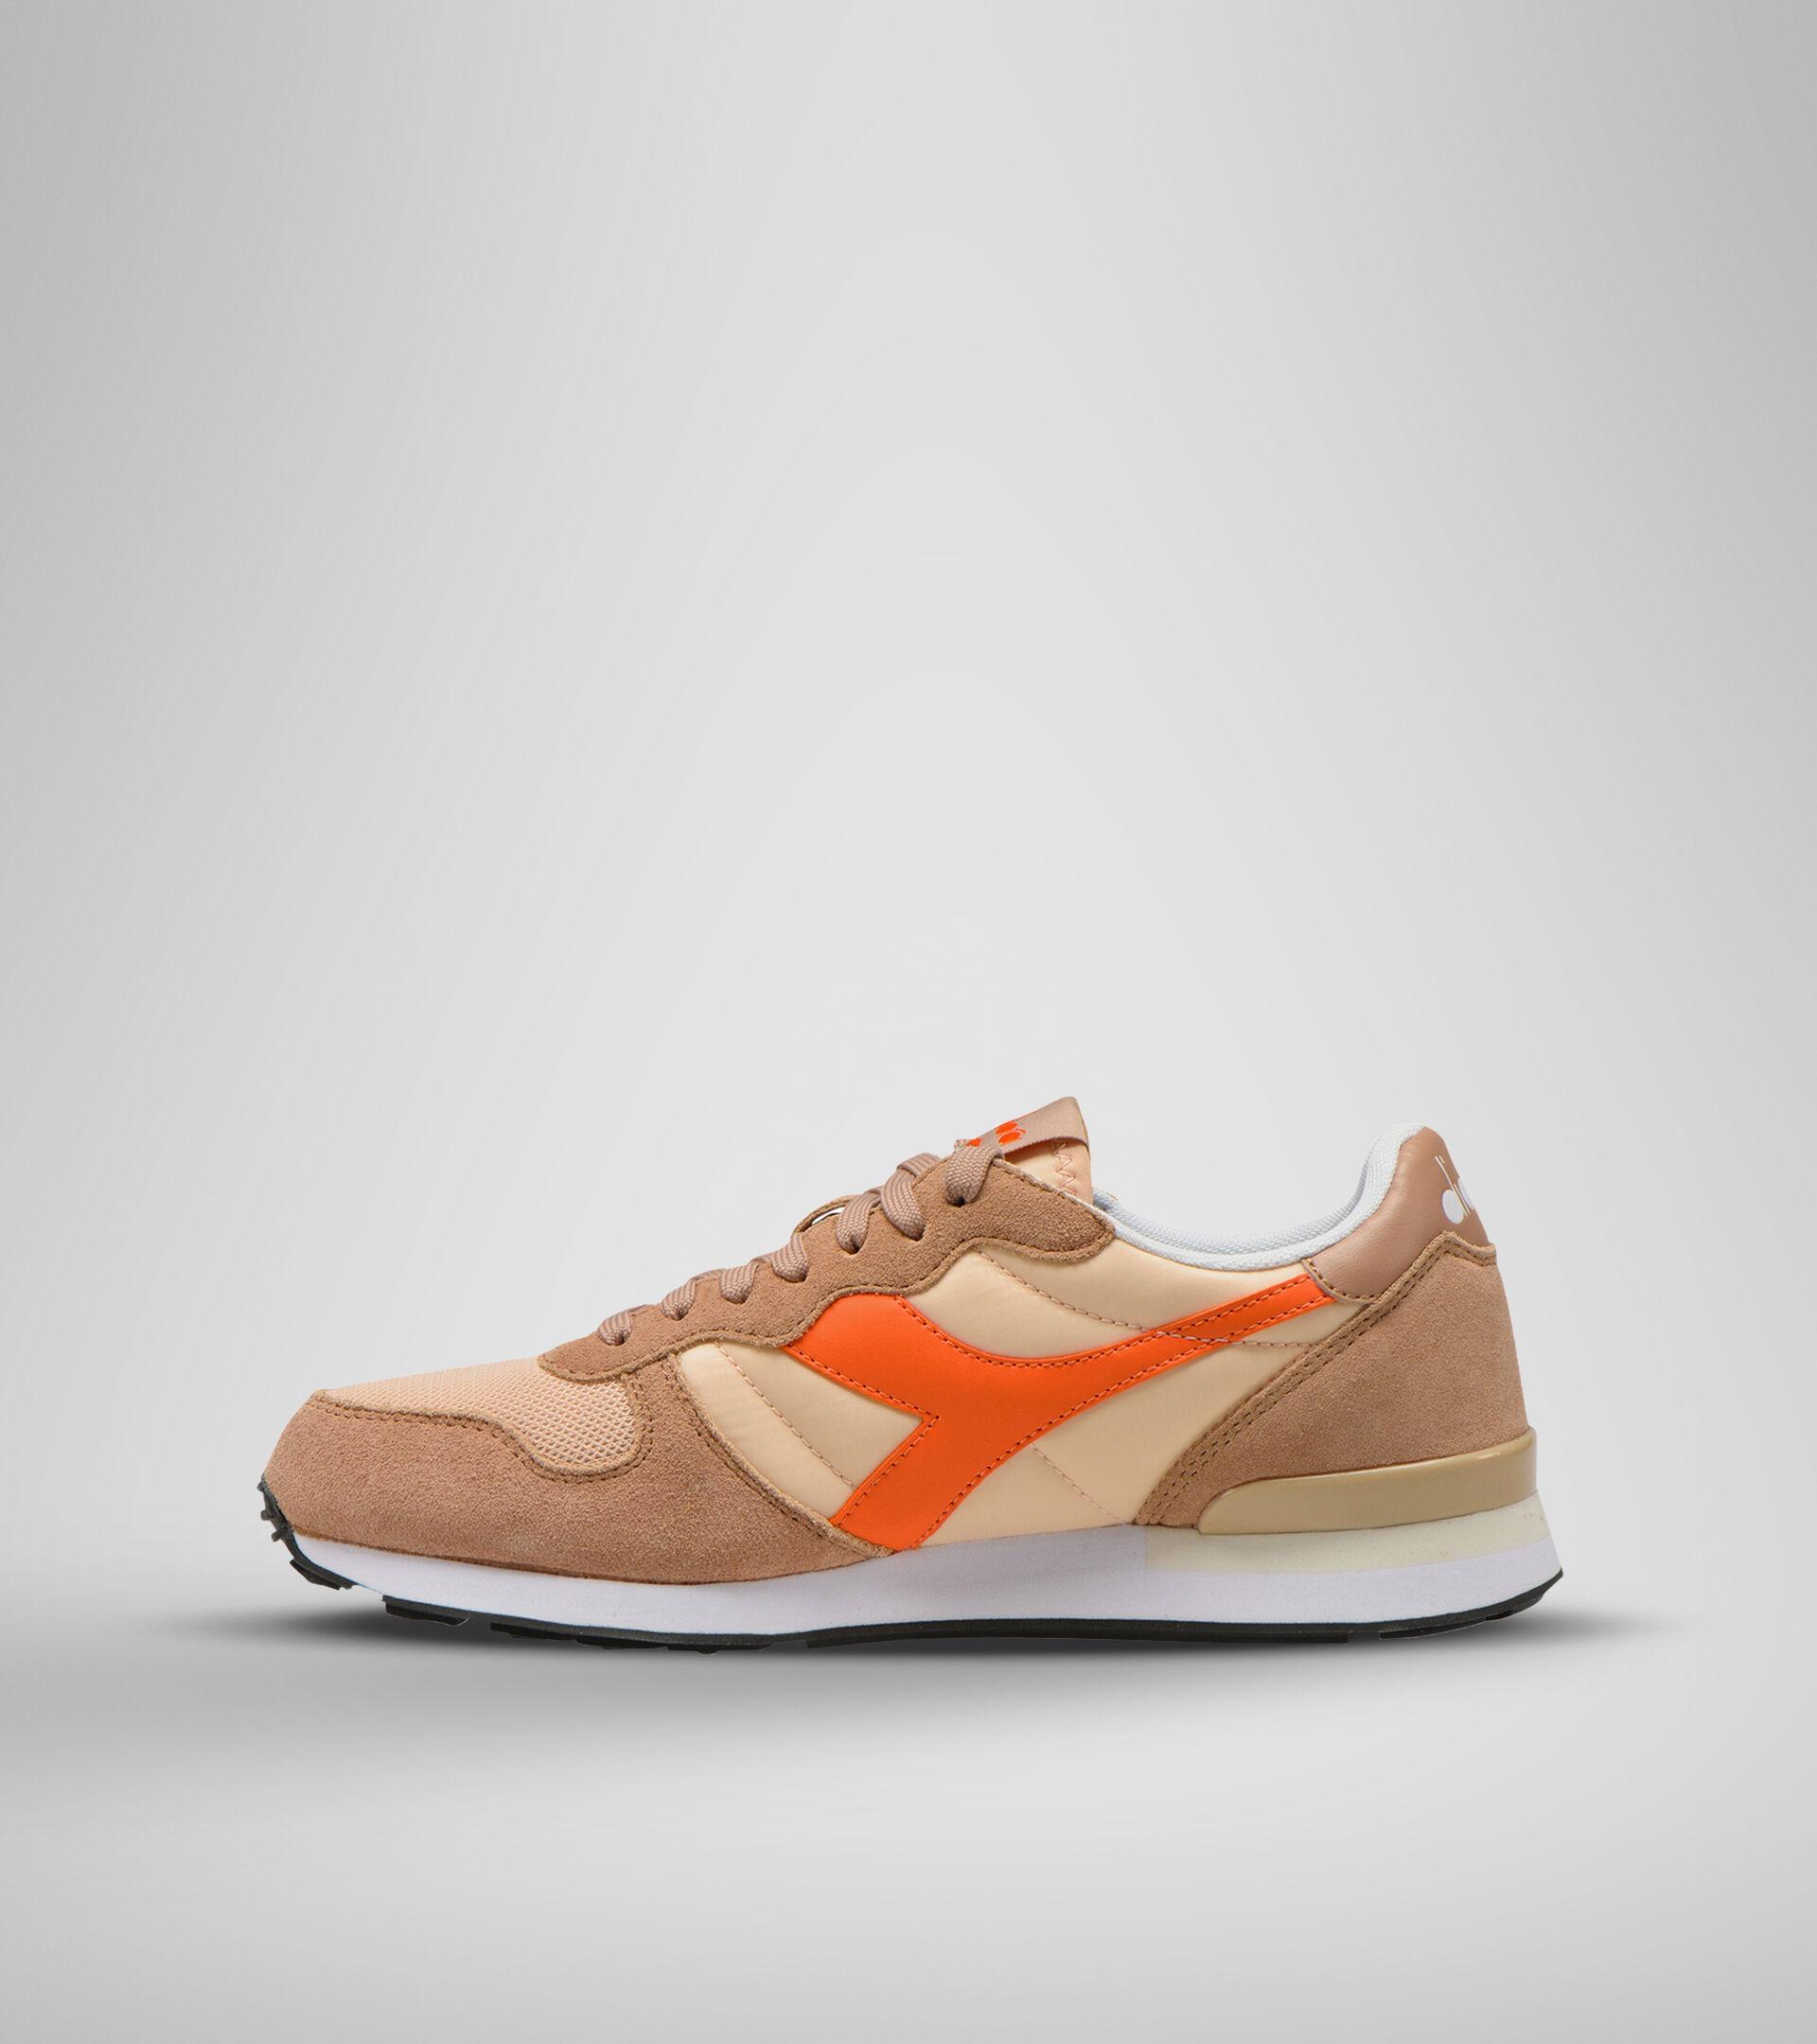 Footwear Sportswear UNISEX CAMARO MARRON CORZO/AMAPOLA DORADA Diadora